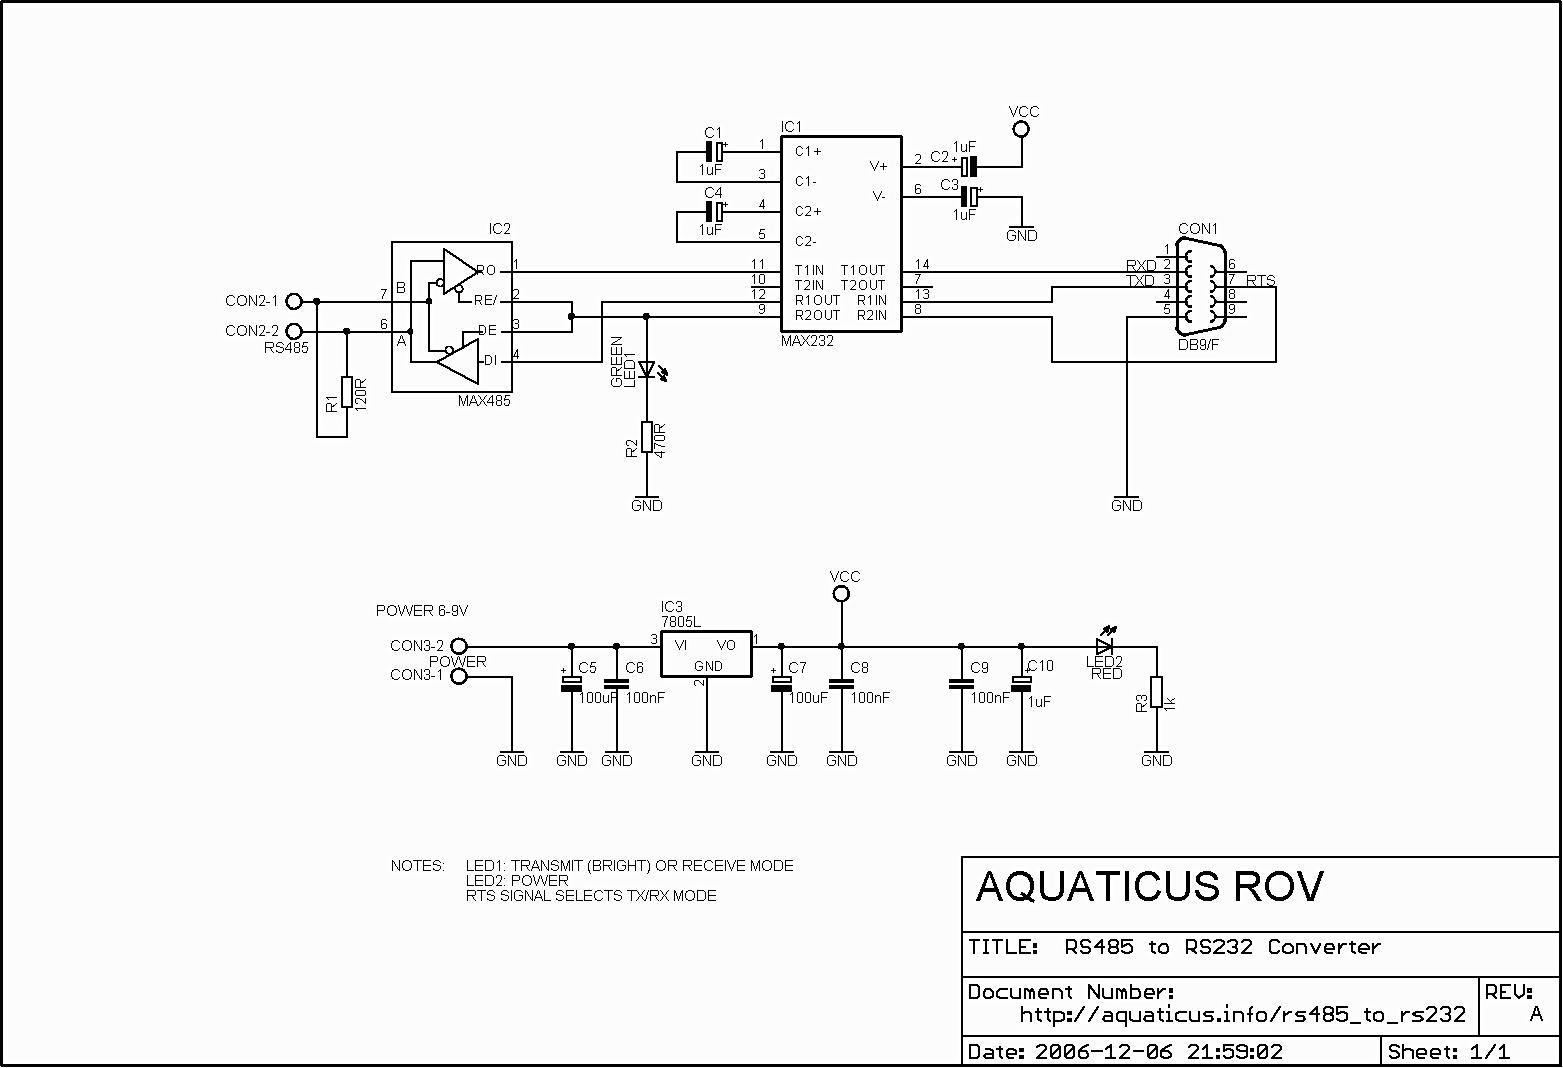 Sensational 485 Wiring Connection Diagram Basic Electronics Wiring Diagram Wiring Cloud Rineaidewilluminateatxorg